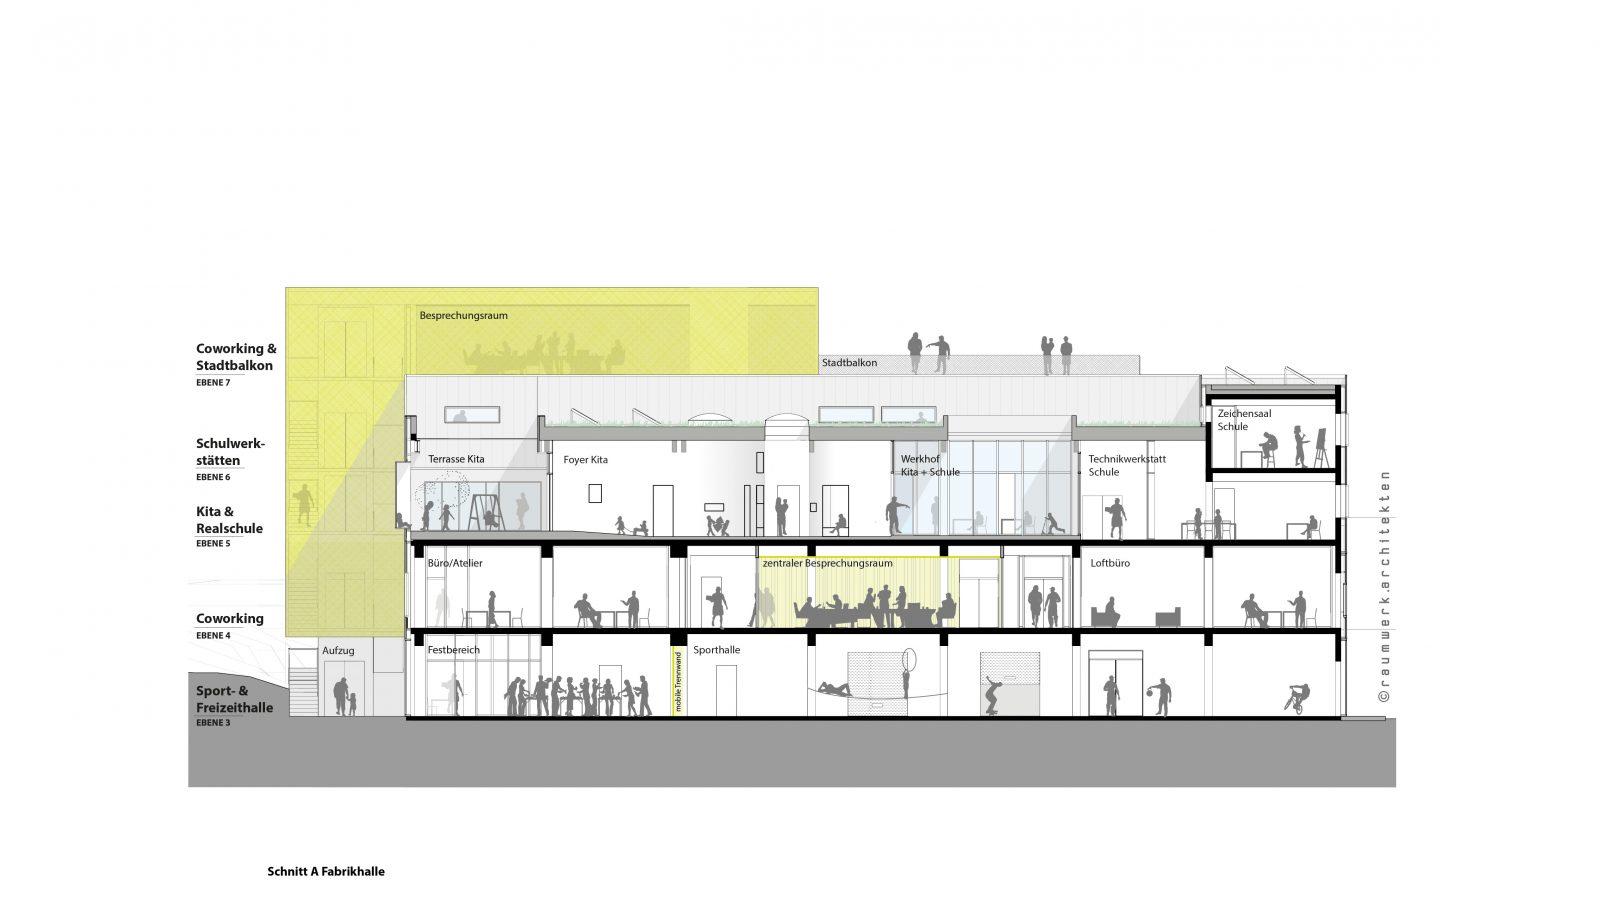 Schnitt (Entwurf): raumwerk.architekten, (C) Urbane Nachbarschaft BOB gGmbH